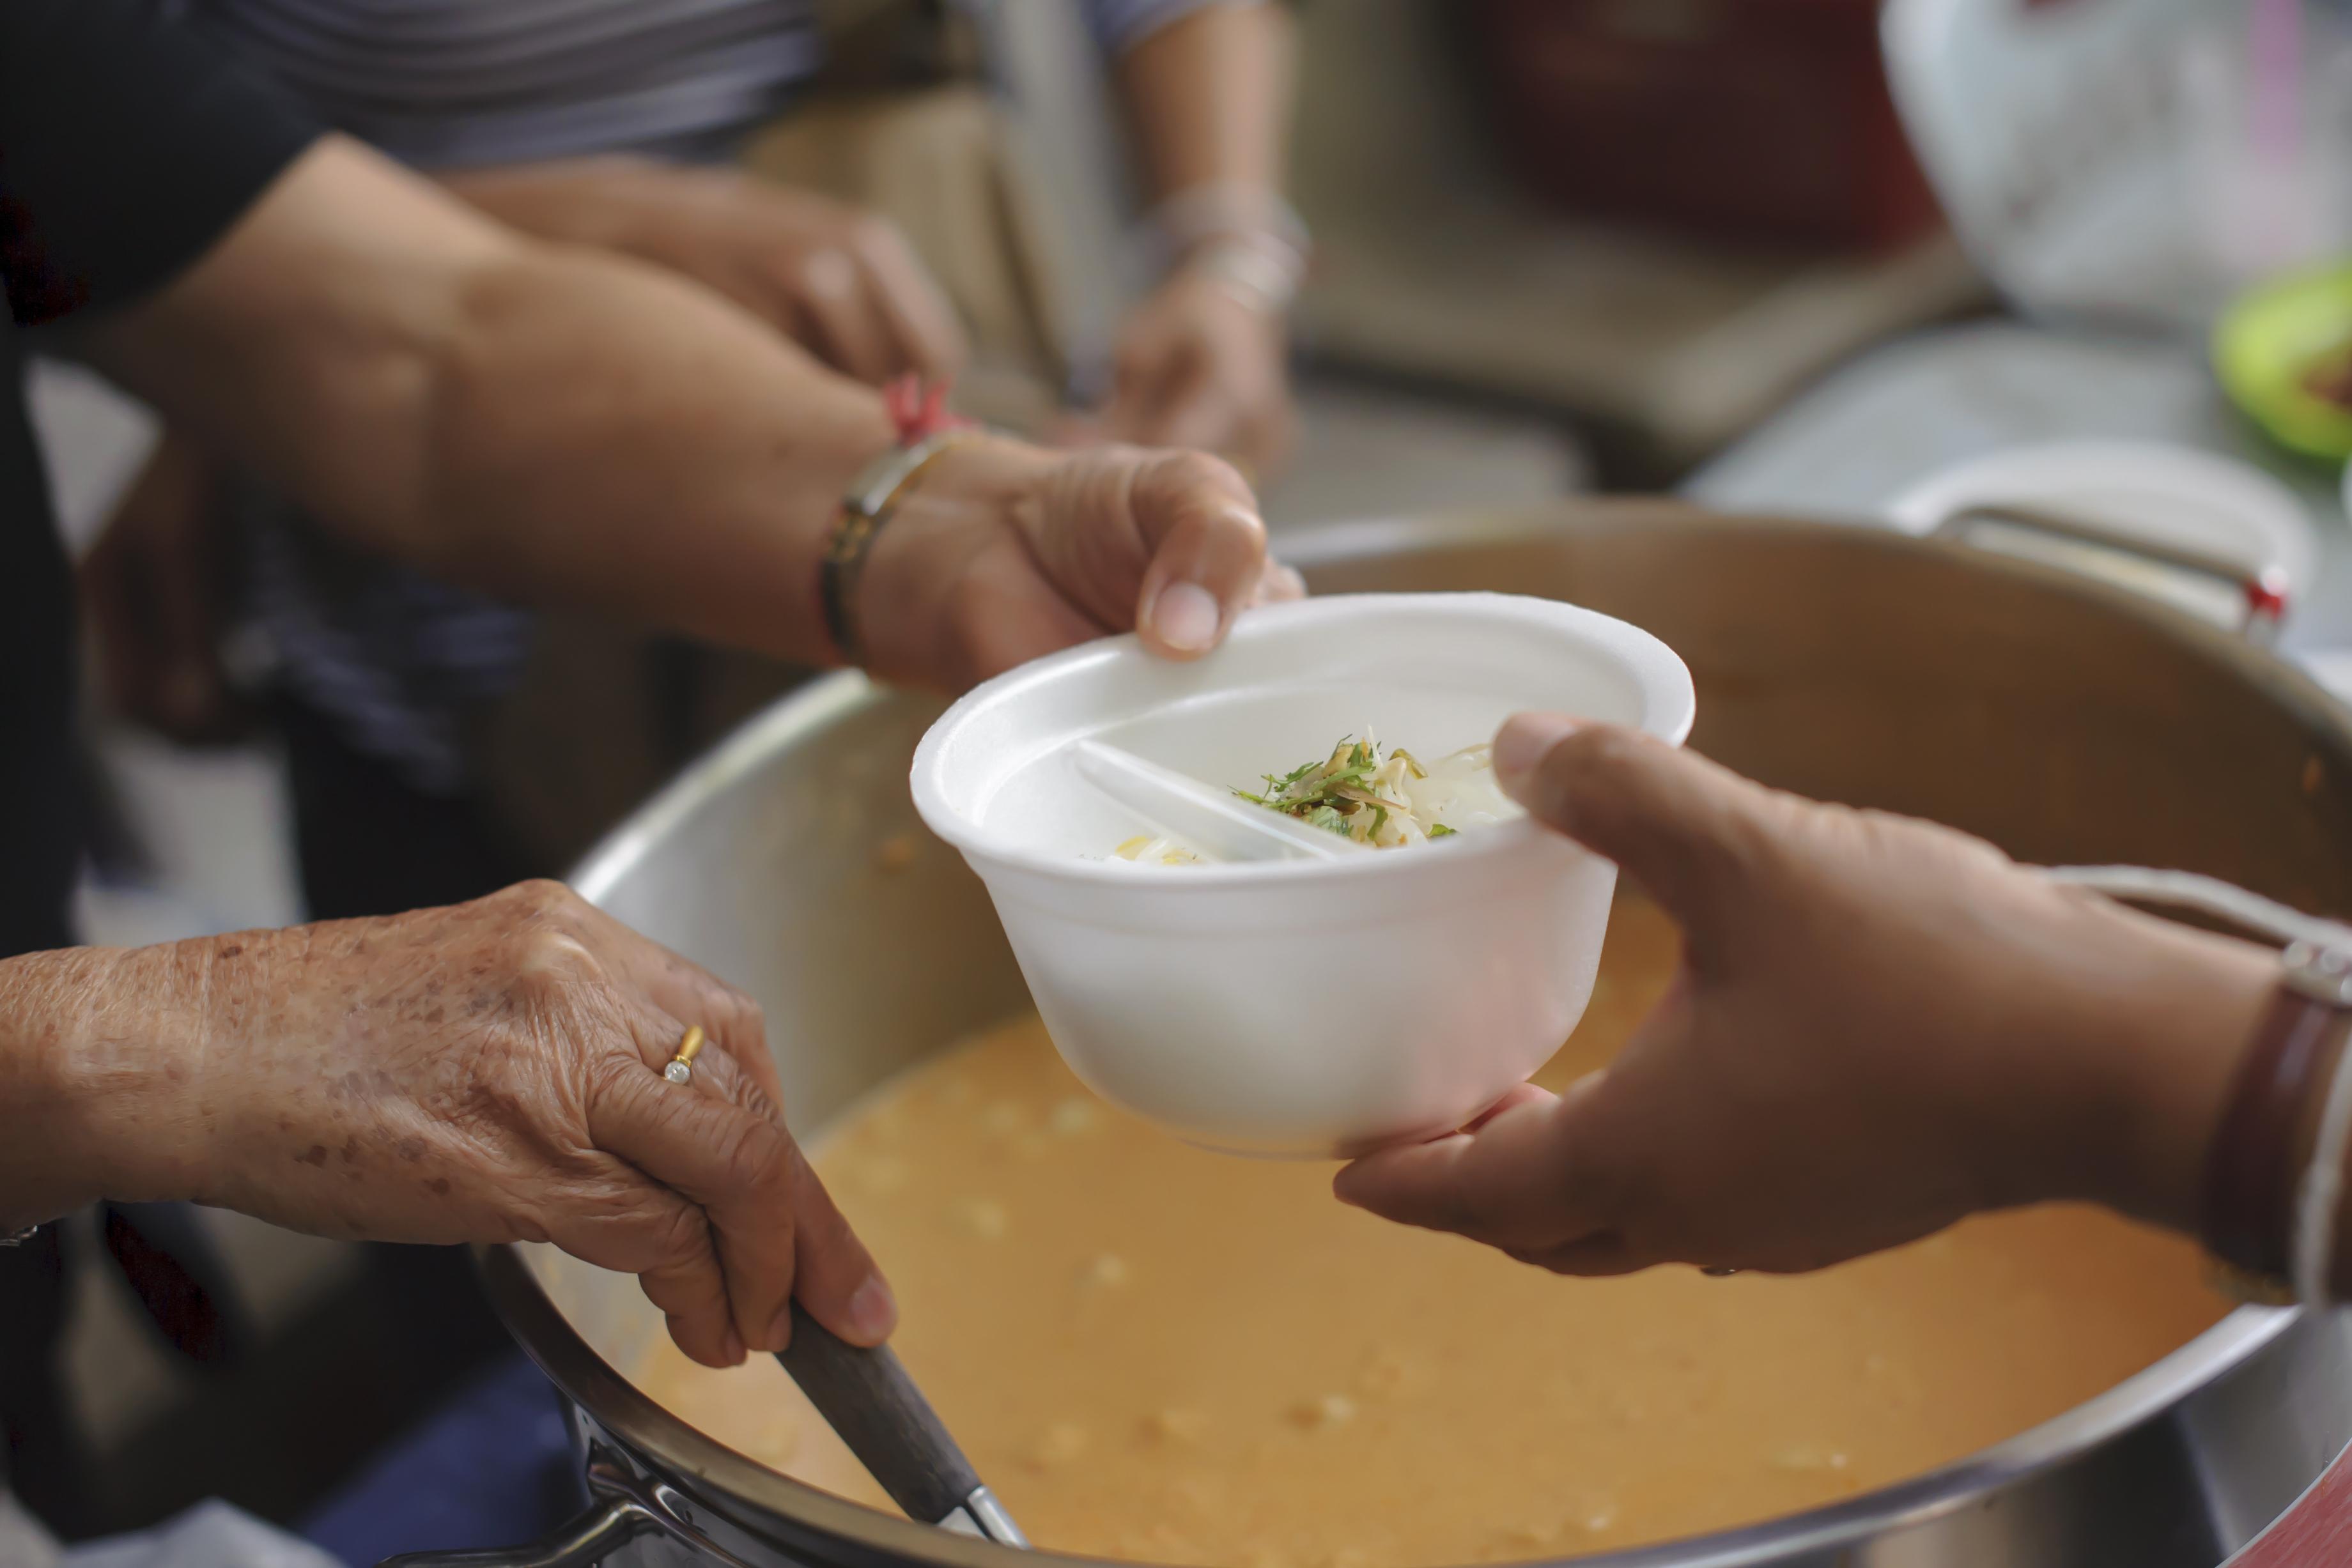 Volunteer handing soup to someone